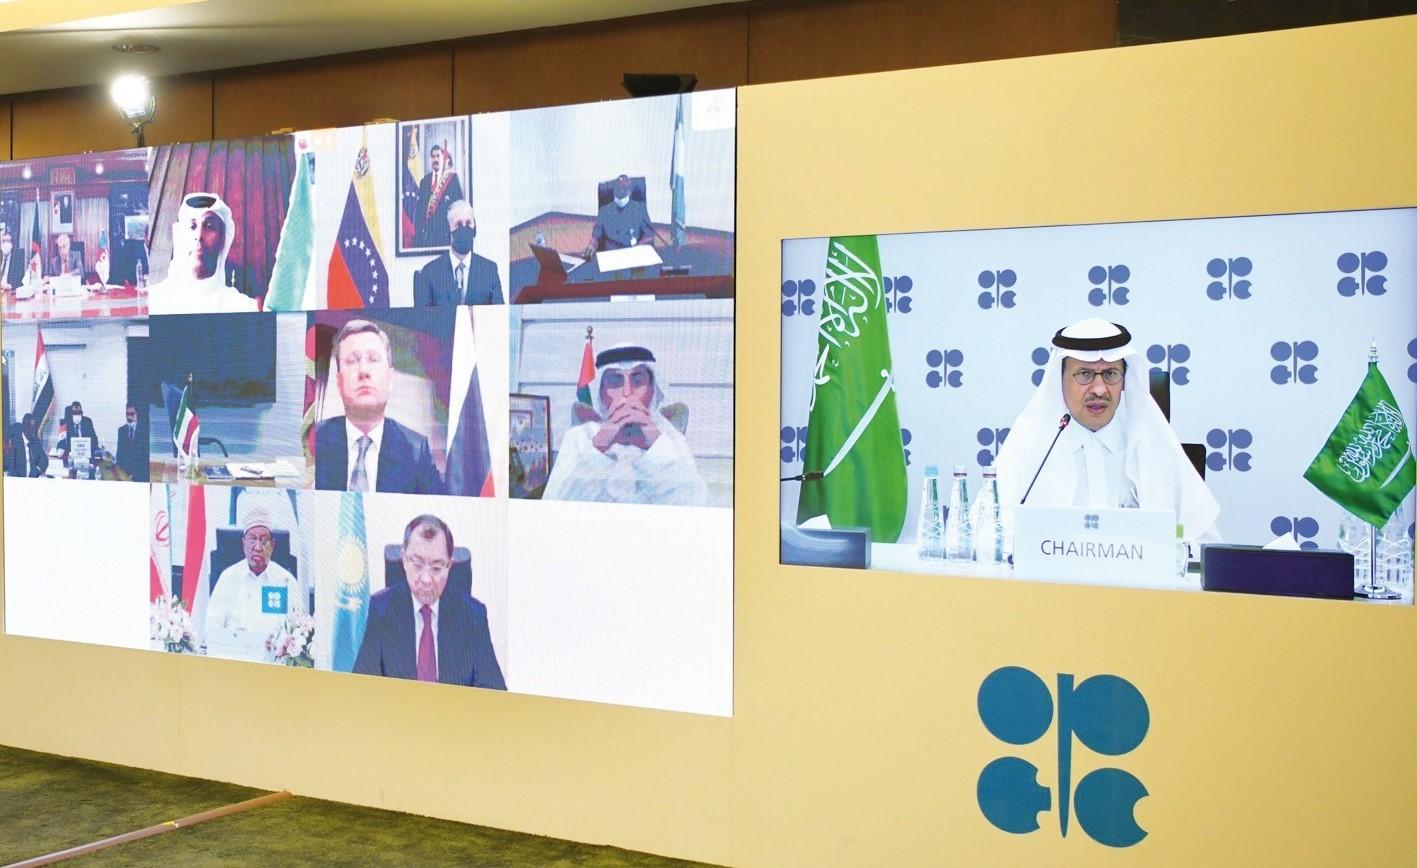 أوبك بلس يتفق على زيادة طفيفة في إنتاج النفط اعتبارًا من أغسطس